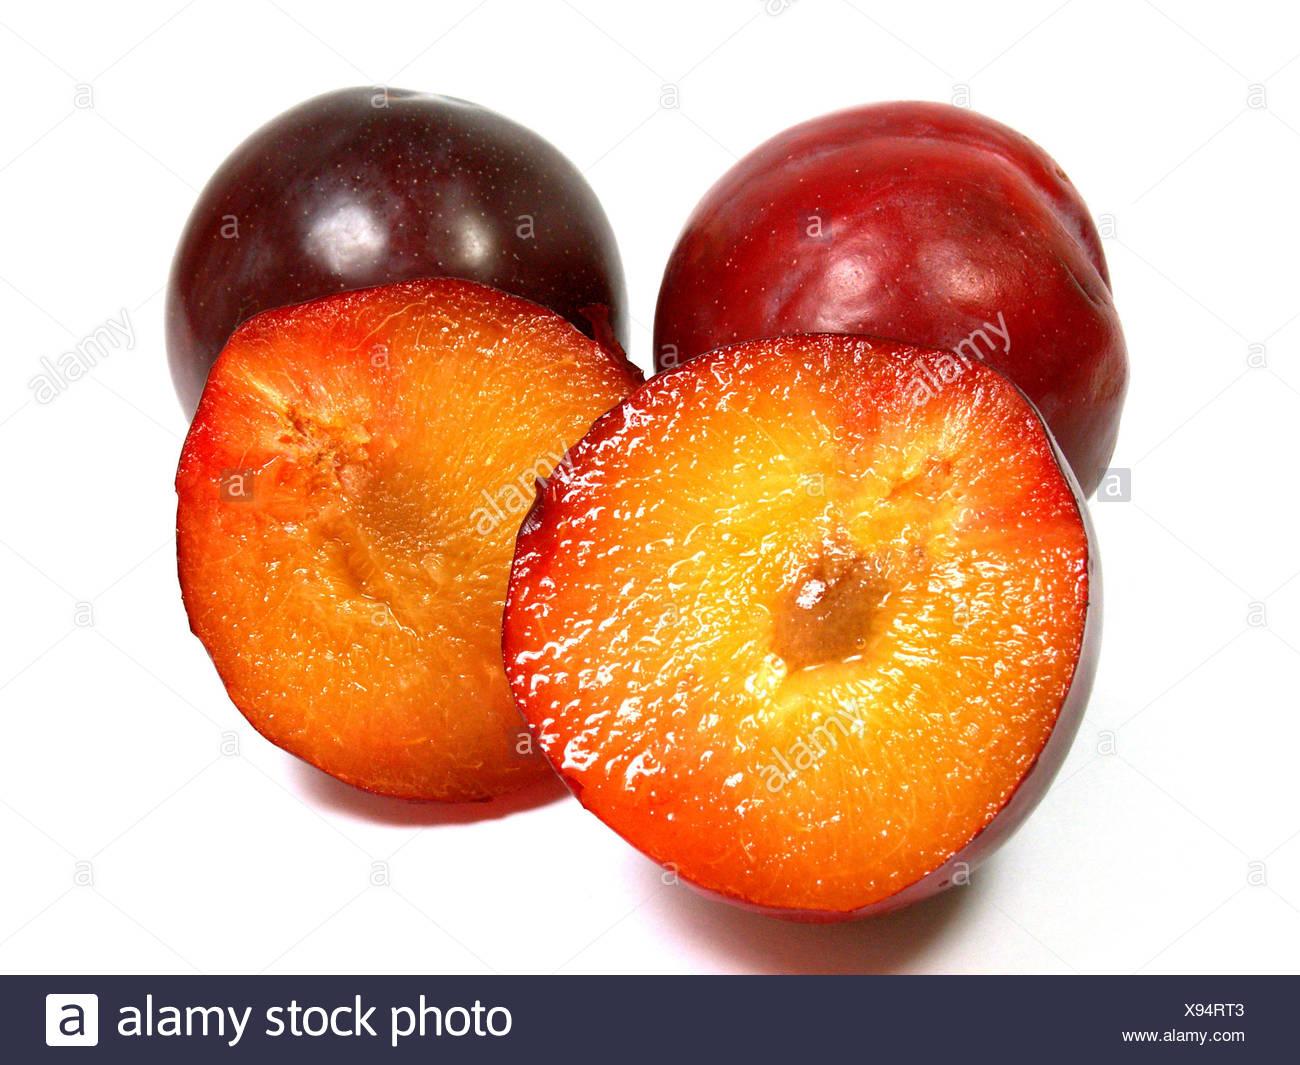 Gesundheit Vitamine Vitamine Obst Fruchtige Saftigen Pflaume